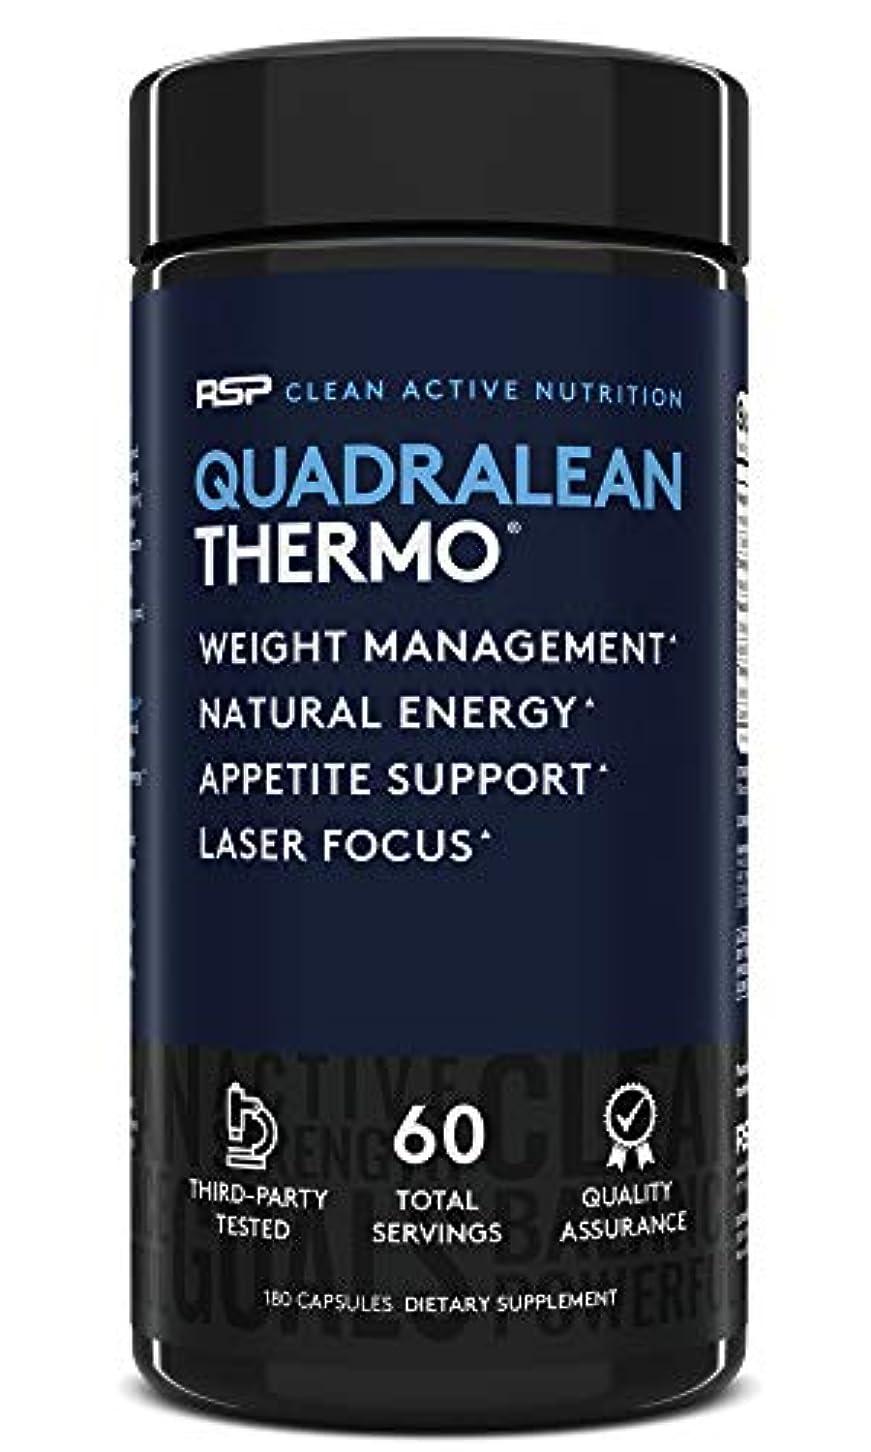 邪魔する一流ソースRSPニュートリション QuadraLean Thermogenic, 重量管理, サーモジェニック, クアドラリアン, 180 カプセル